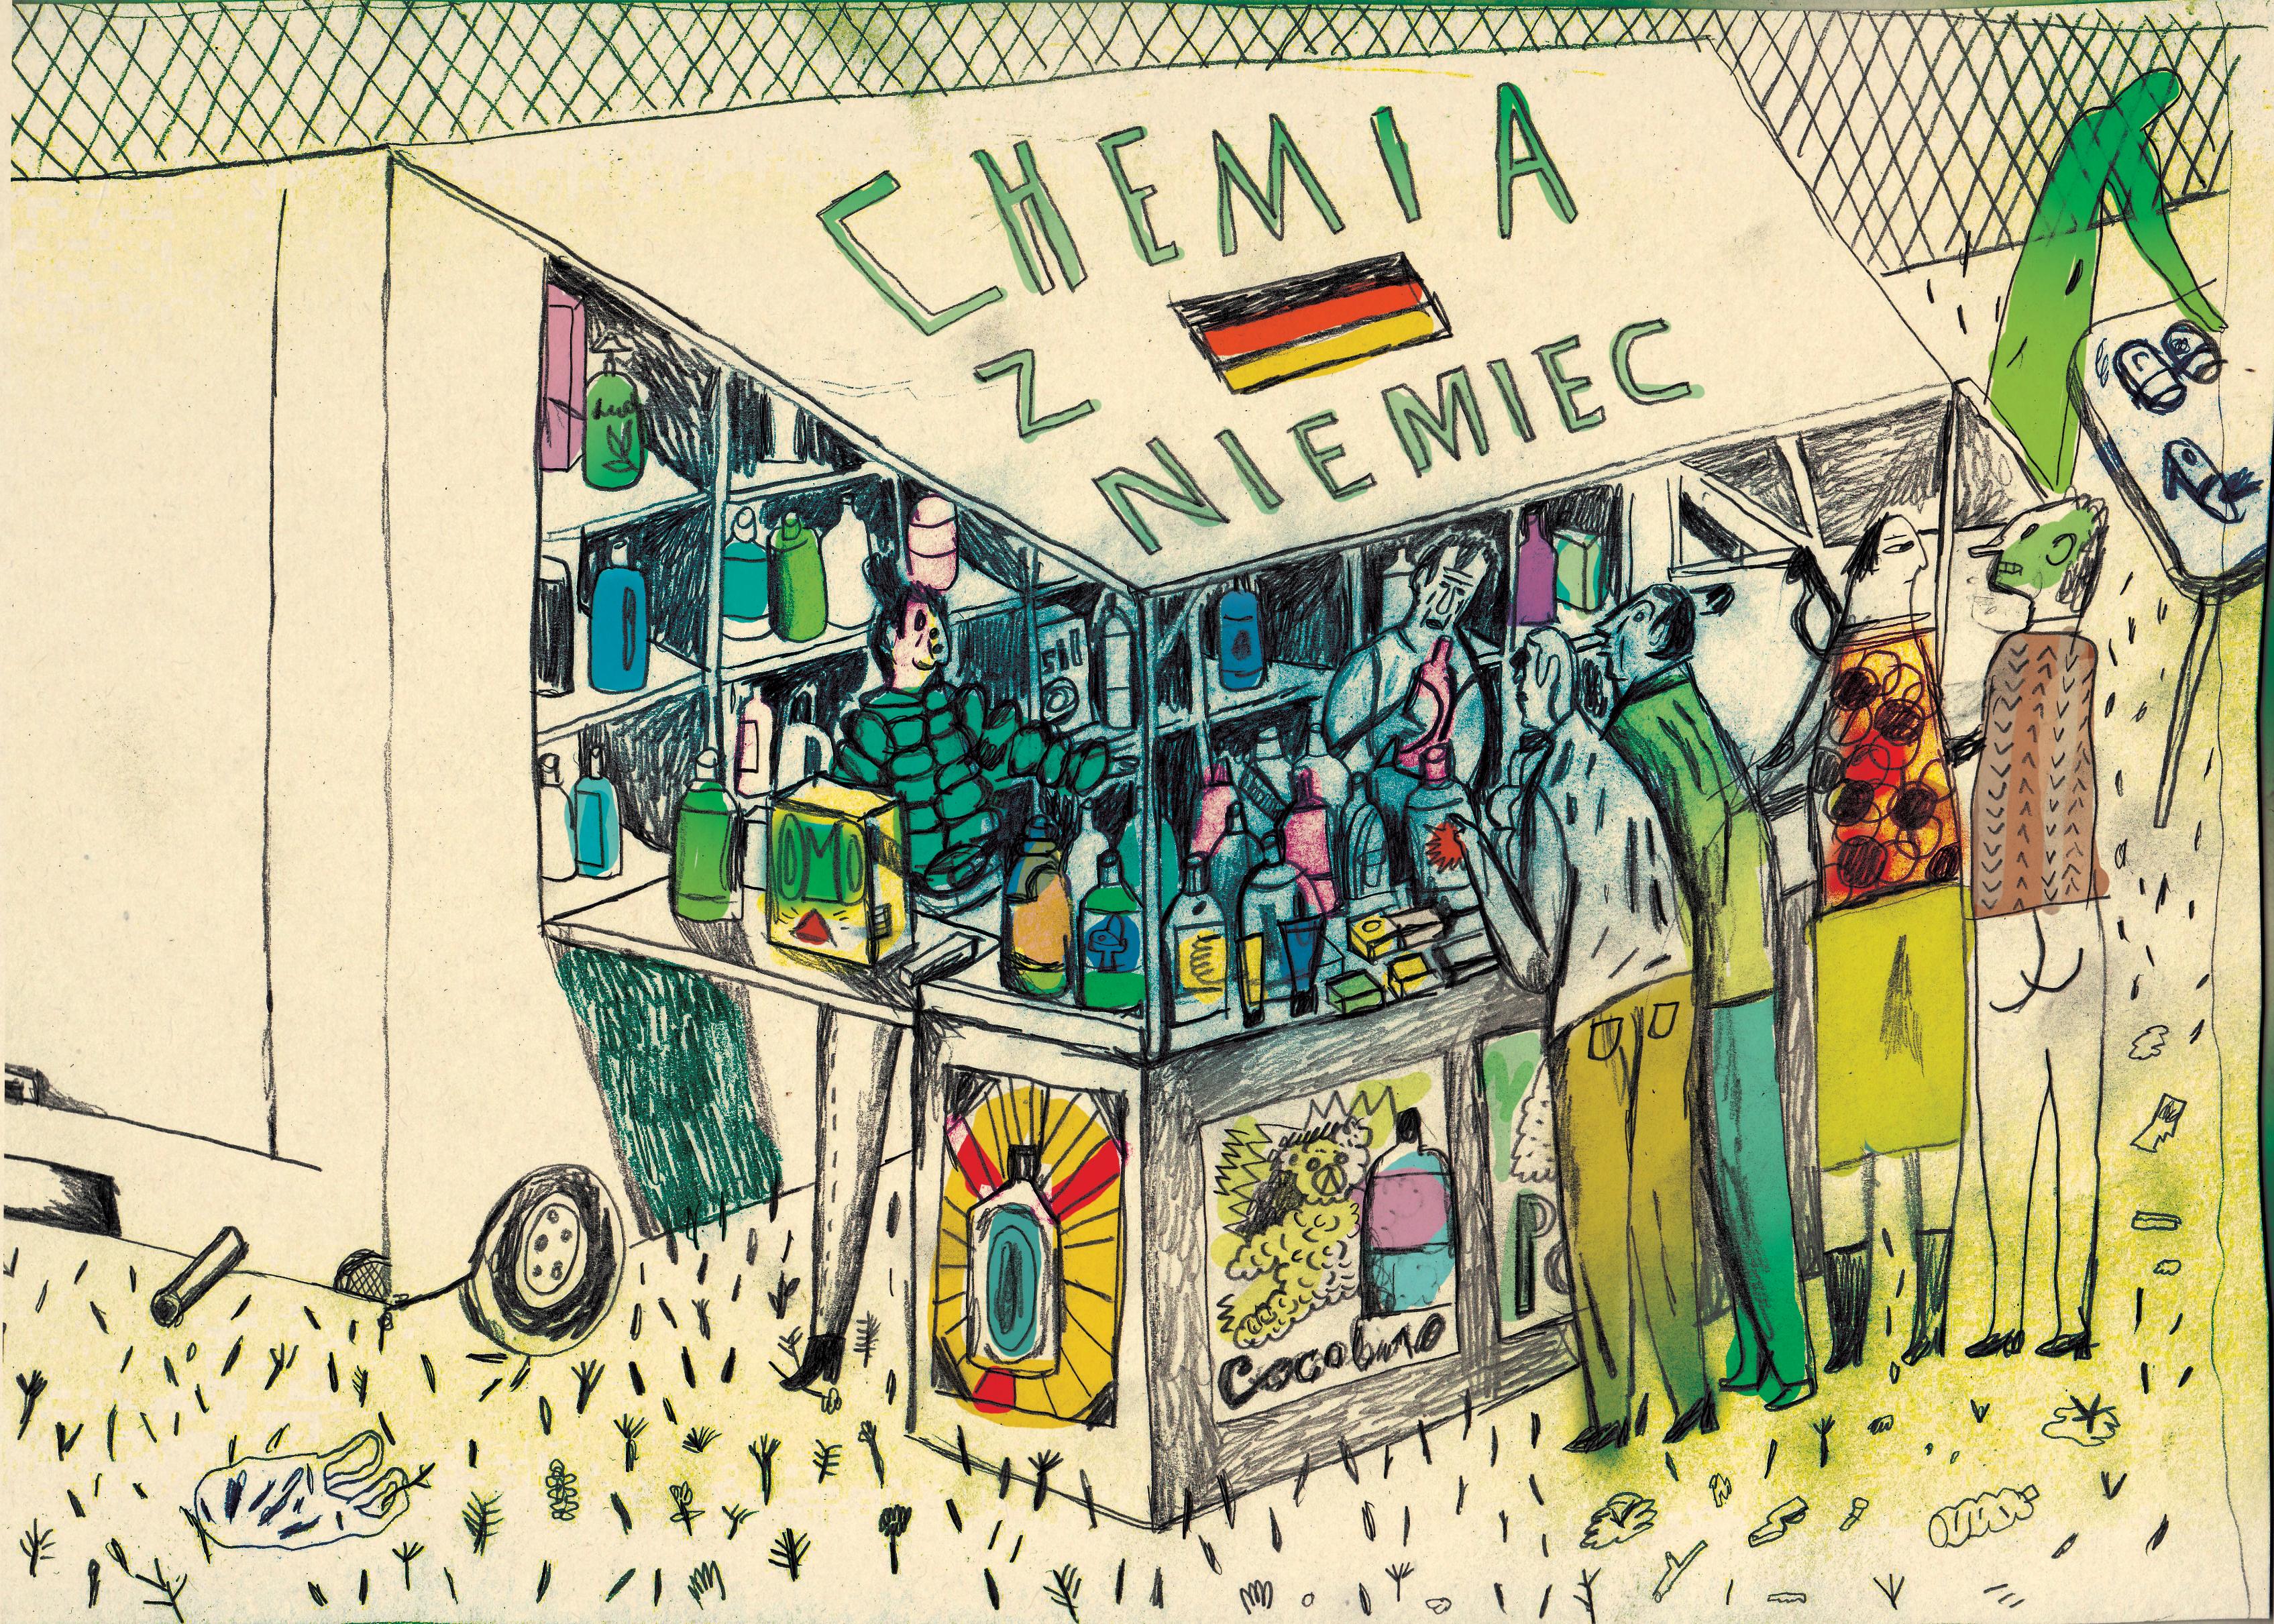 chemia z niemiec